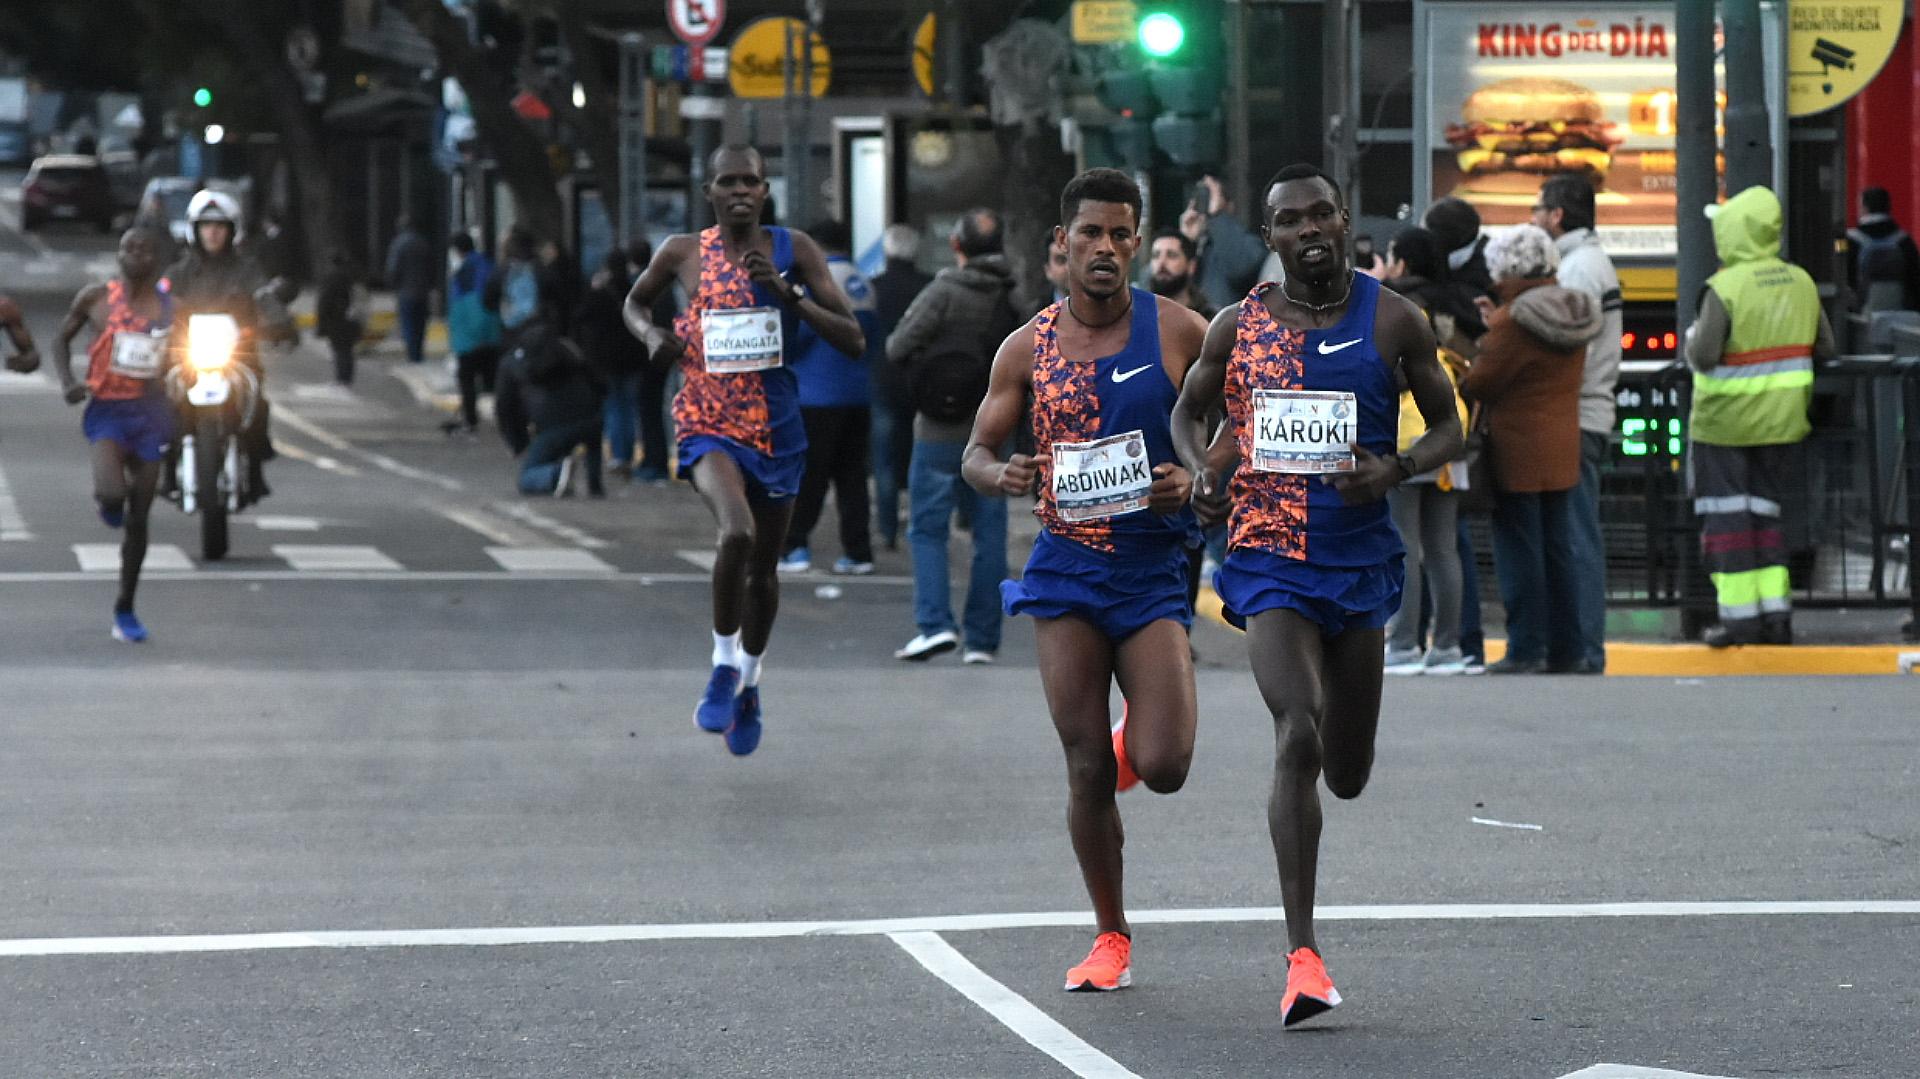 Los líderes de la carrera se separaron del pelotón en los primeros metros